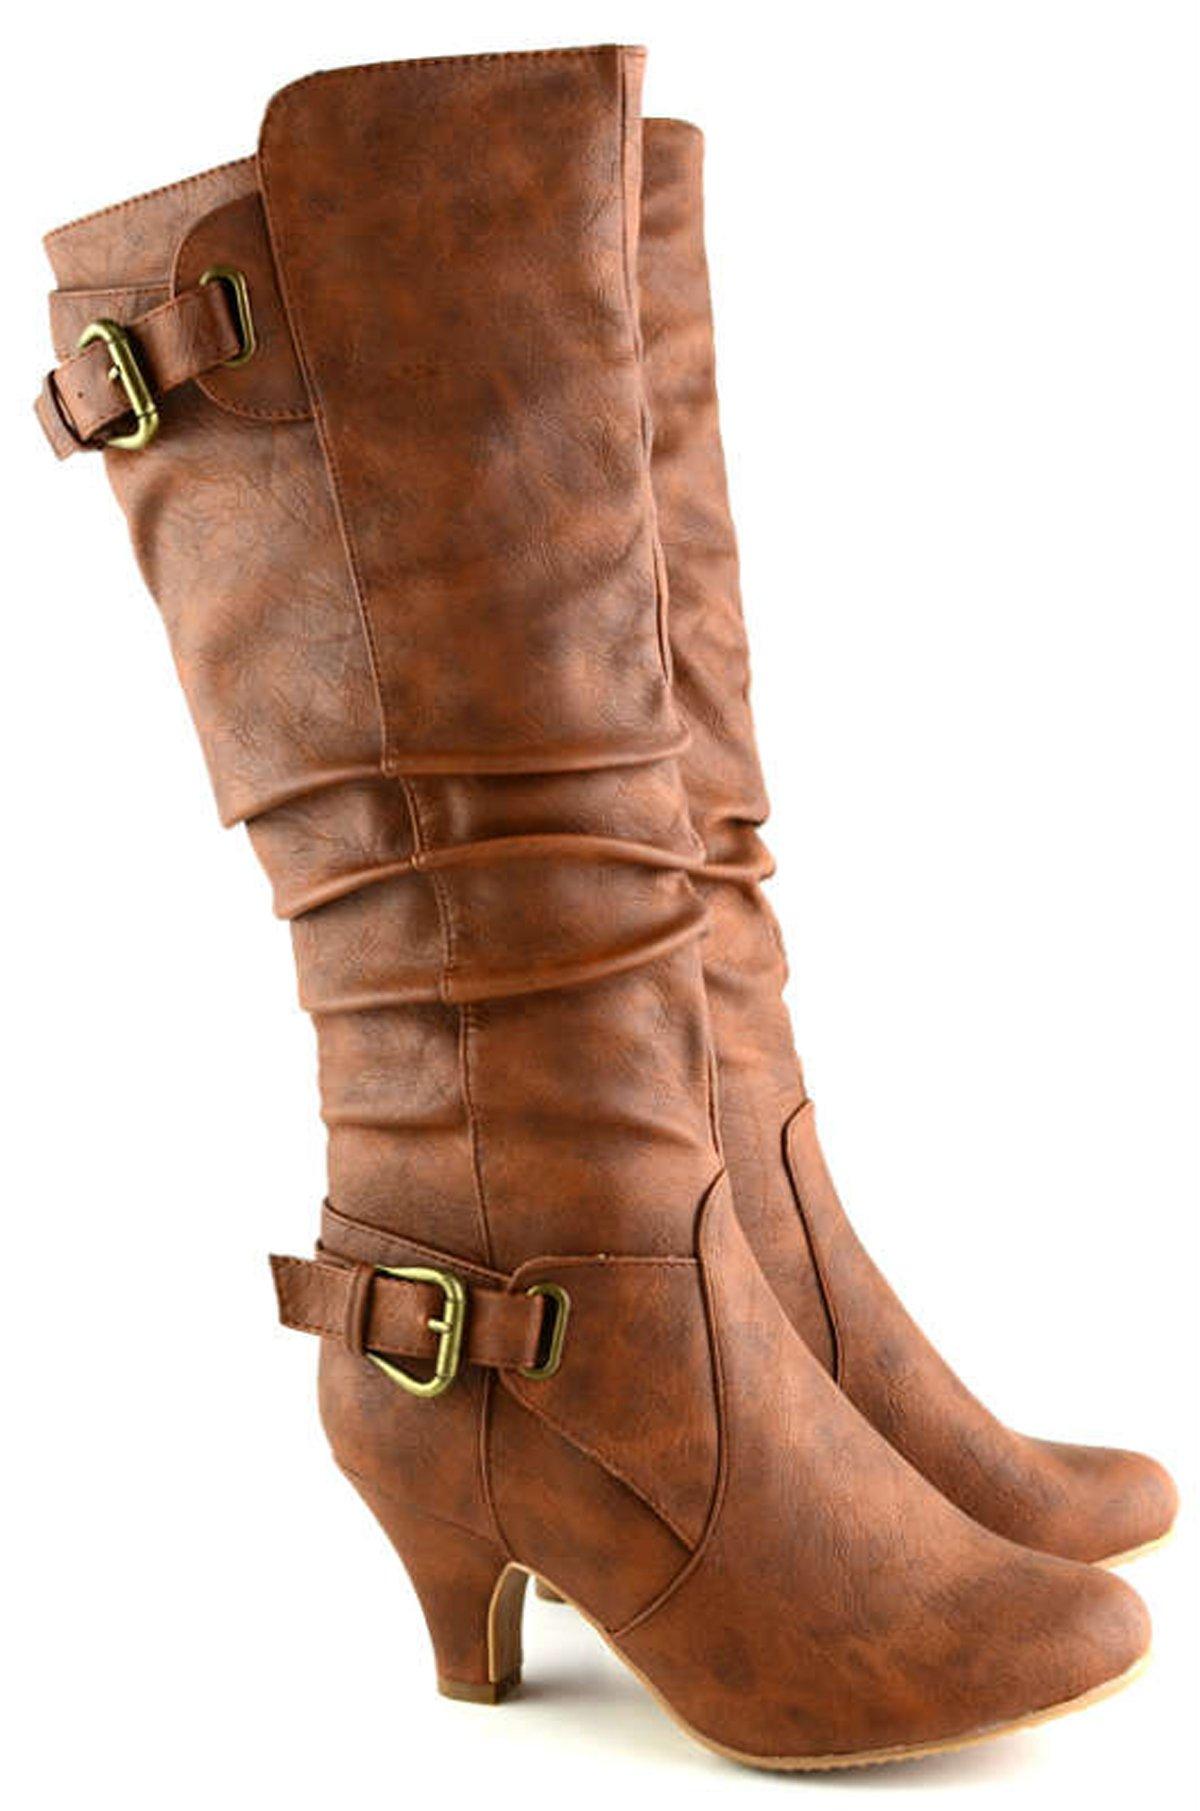 Top Moda Adjustable Calf Buckle Zipper Mid-calf Boots Tmbag-55 Tan (9)